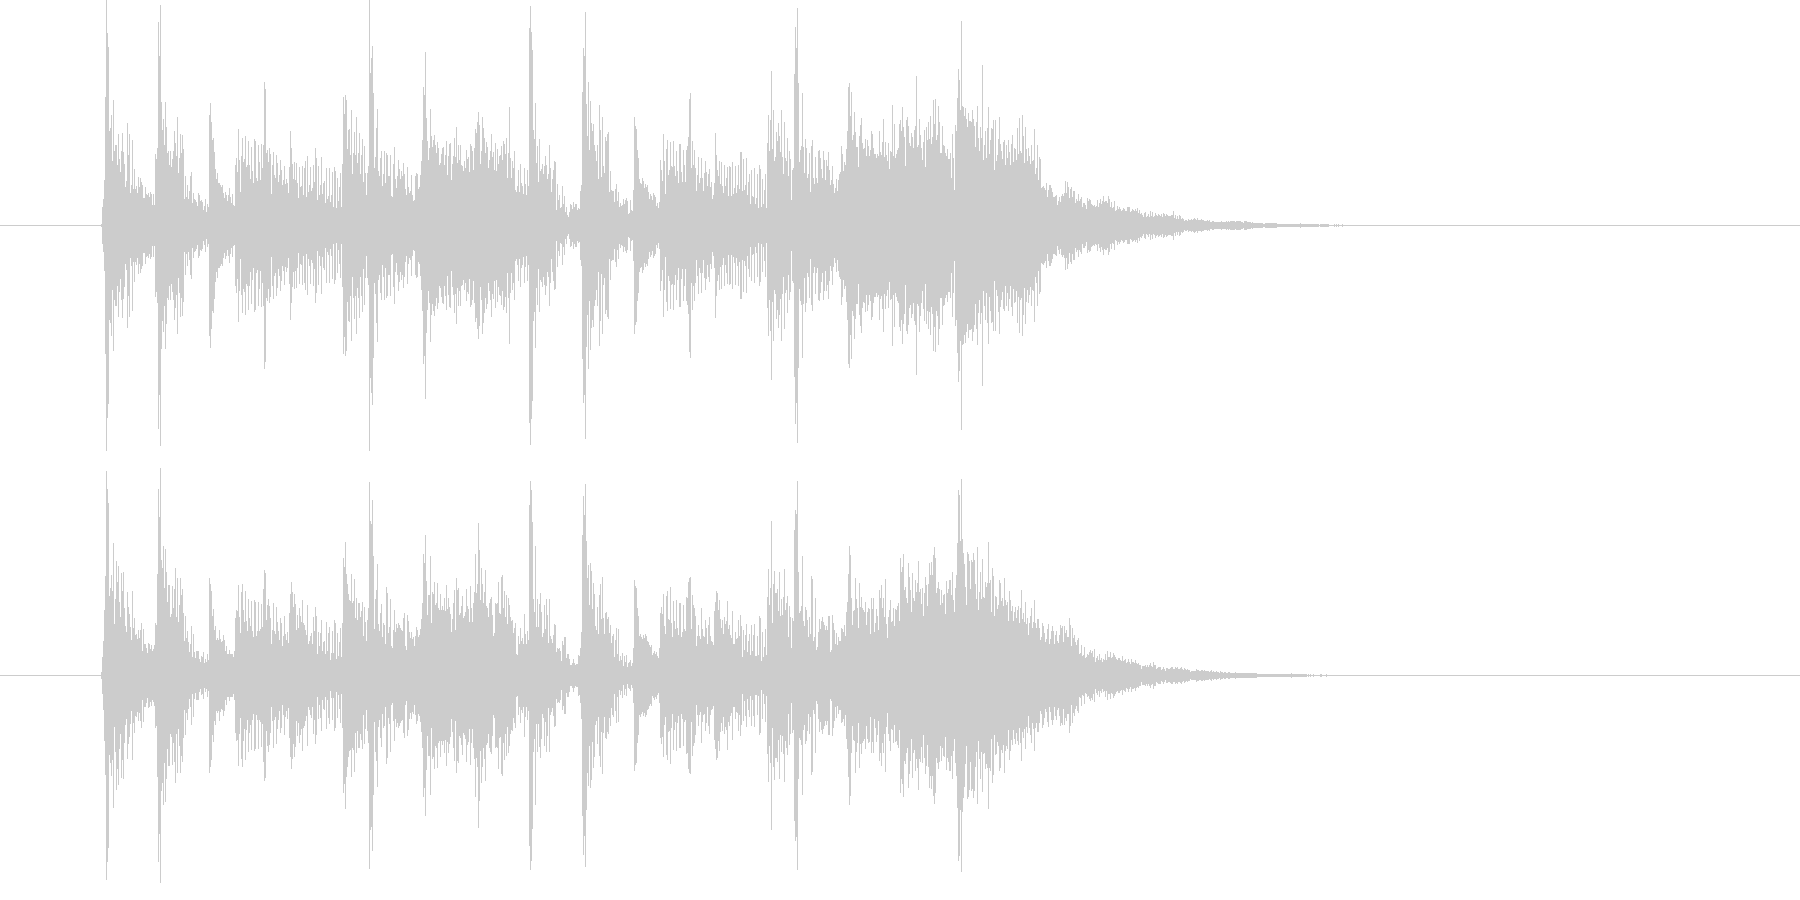 アップテンポなバンドによるジングル曲の未再生の波形